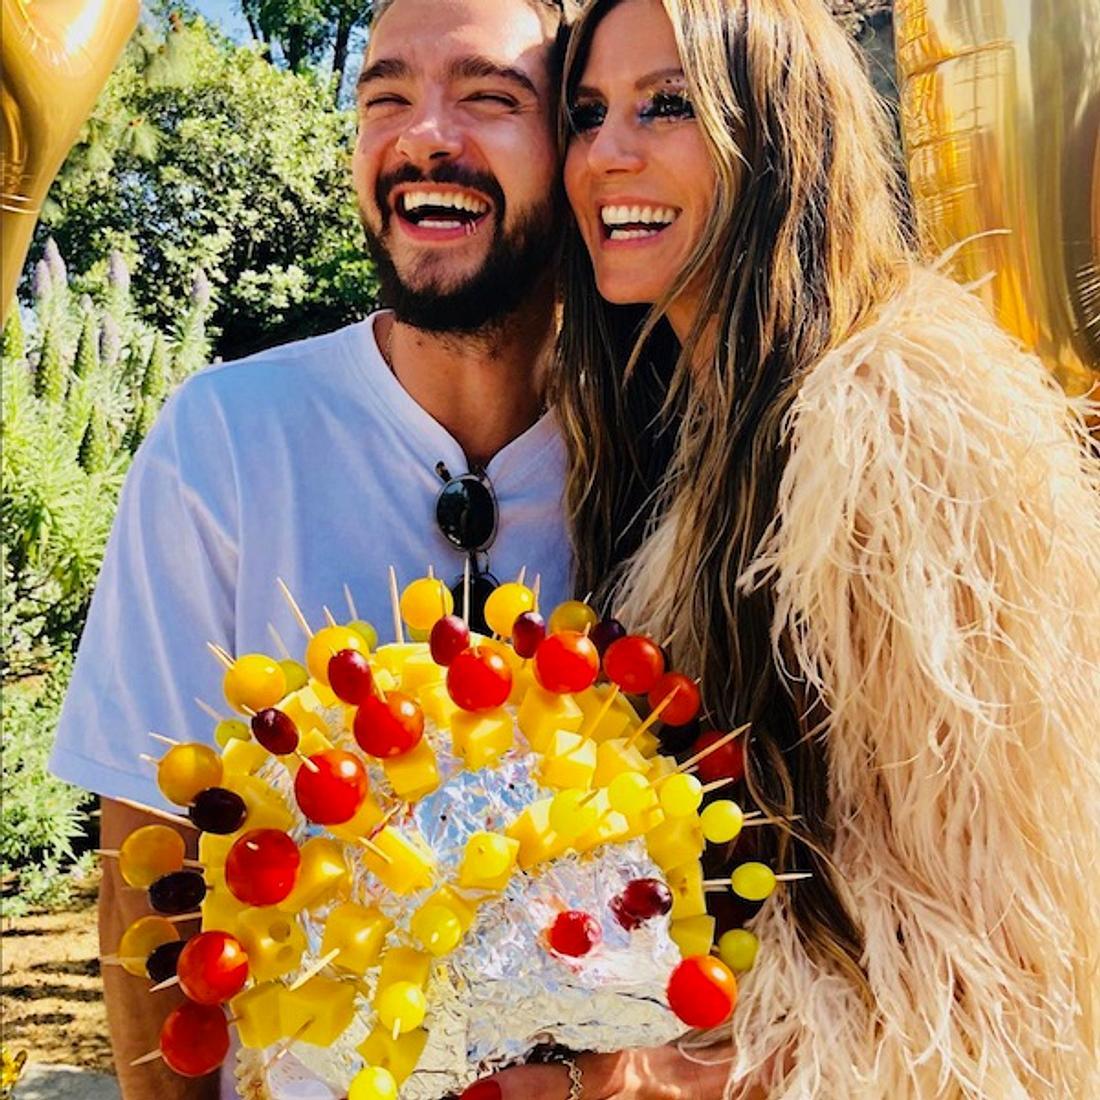 Süße Liebeserklärung: Heidi Klum feiert mit Tom Kaulitz Geburtstag